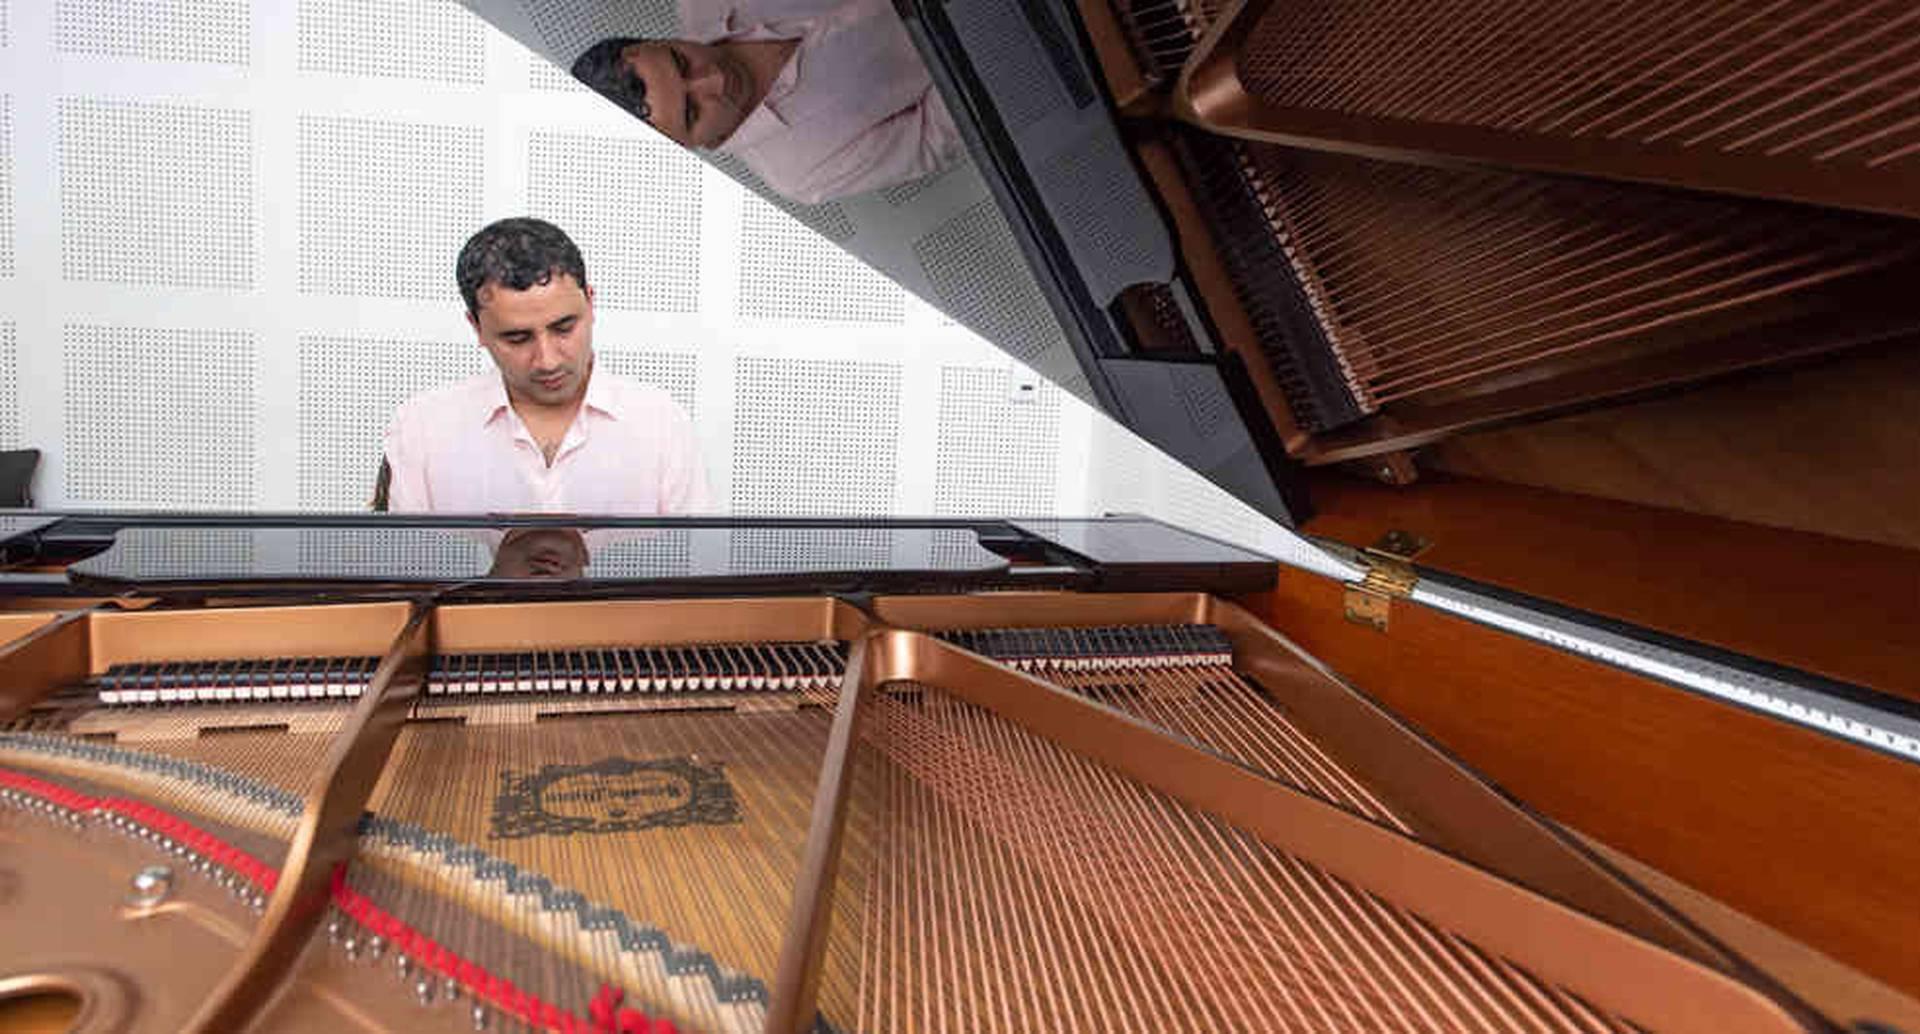 Lezlye compone desde los 11 años. En 2015 creó un festival de piano y tiene en proceso dos libros de pedagogía musical.